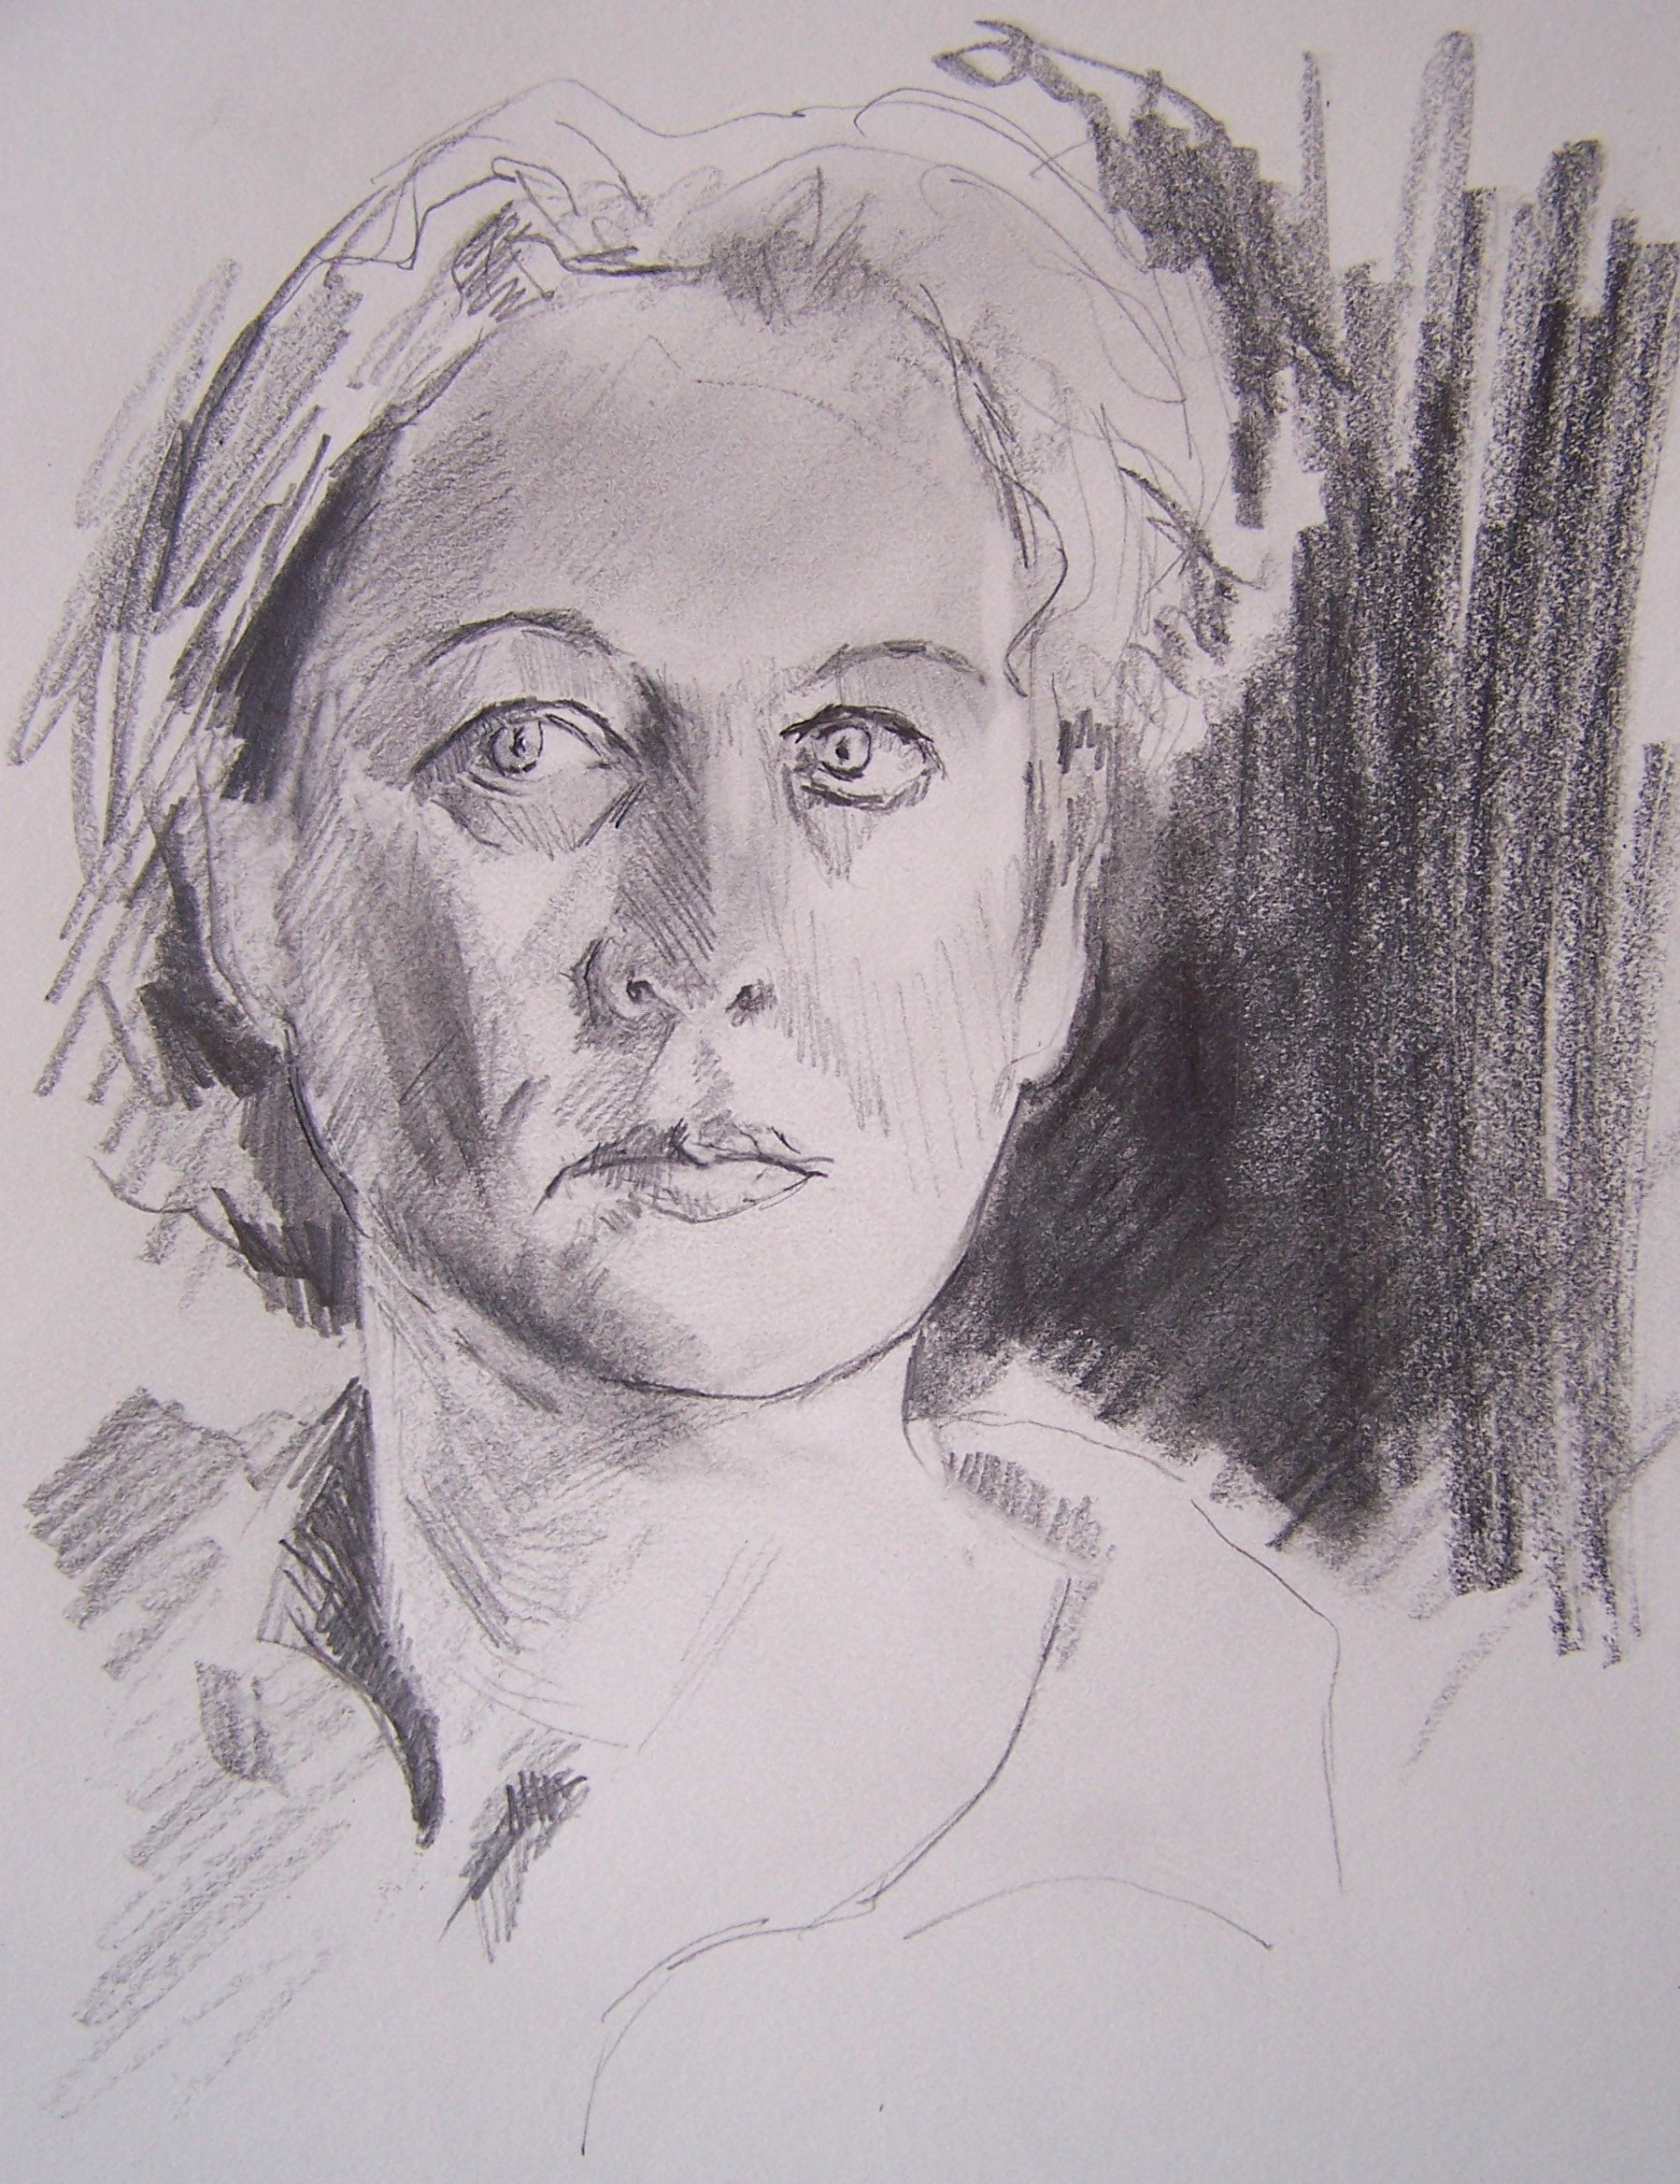 Drawn portrait degas De Dessins has Benedicte's of